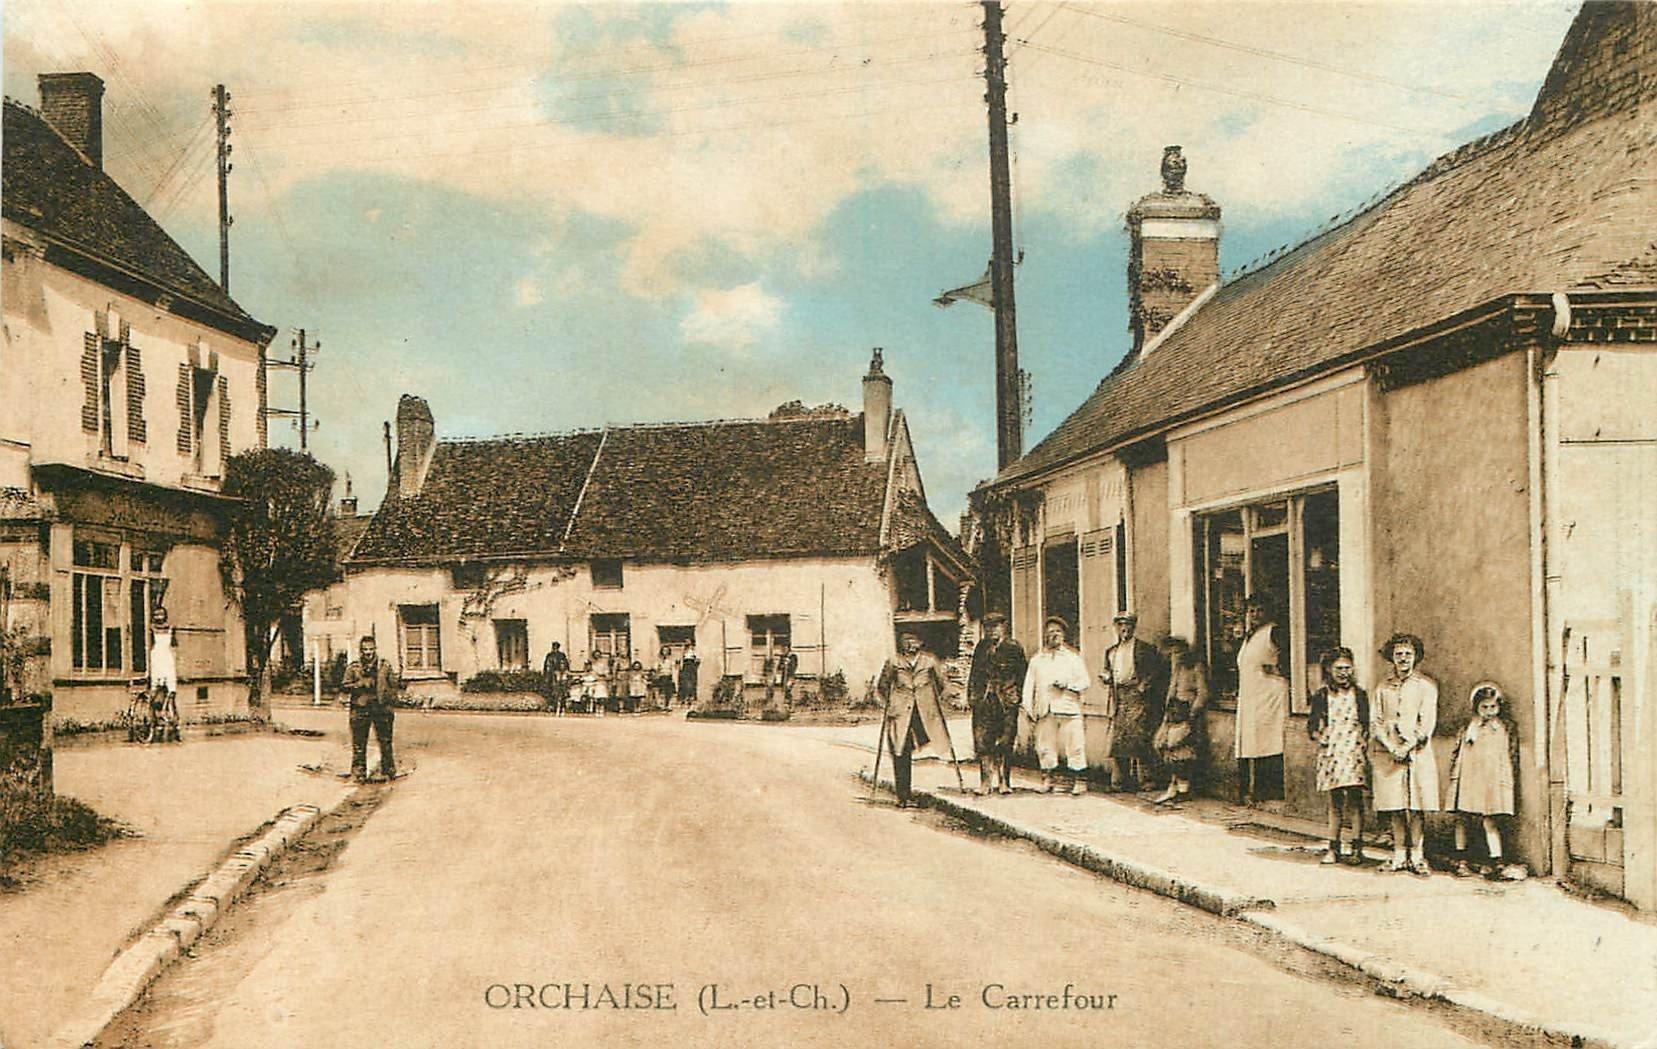 41 ORCHAISE. Epicerie au Carrefour et unijambiste